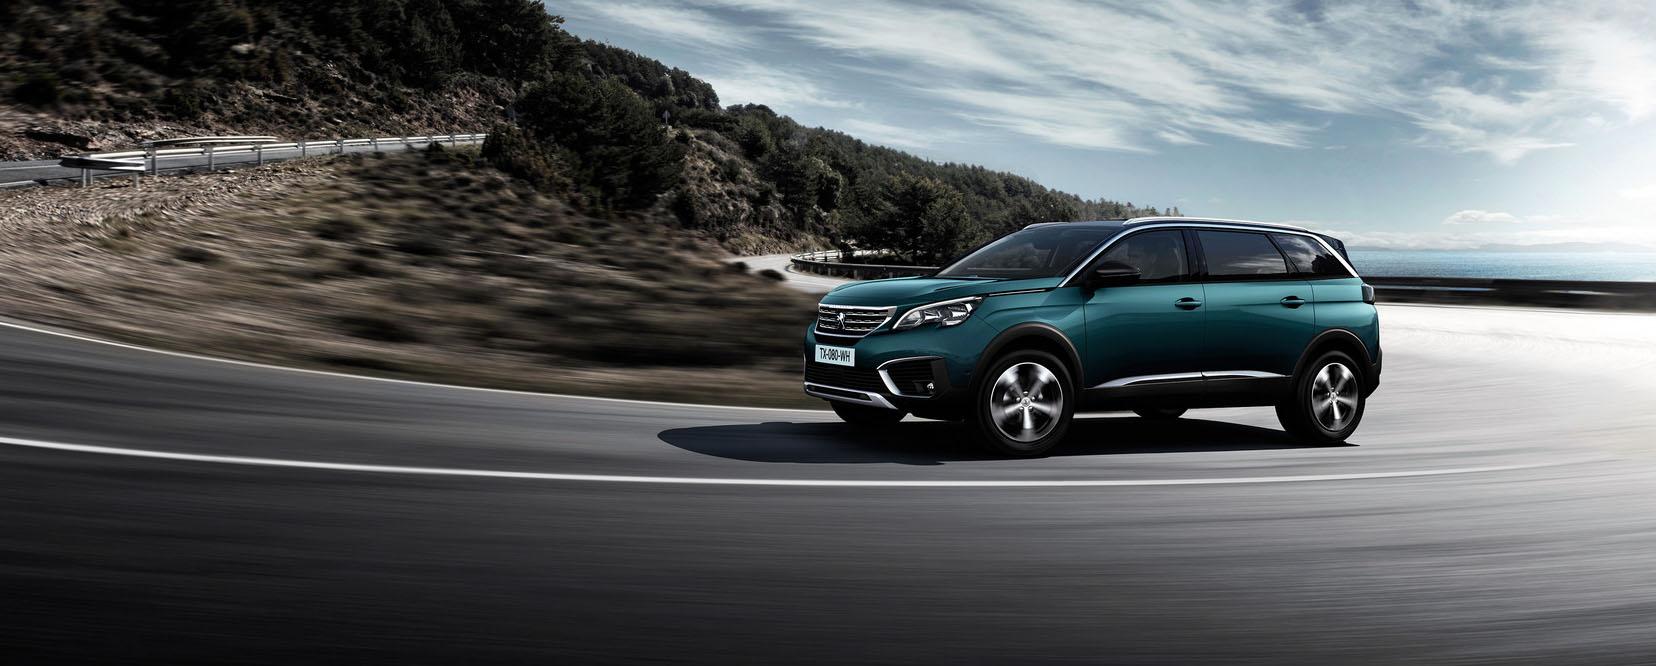 Peugeot 5008 1.2 PureTech